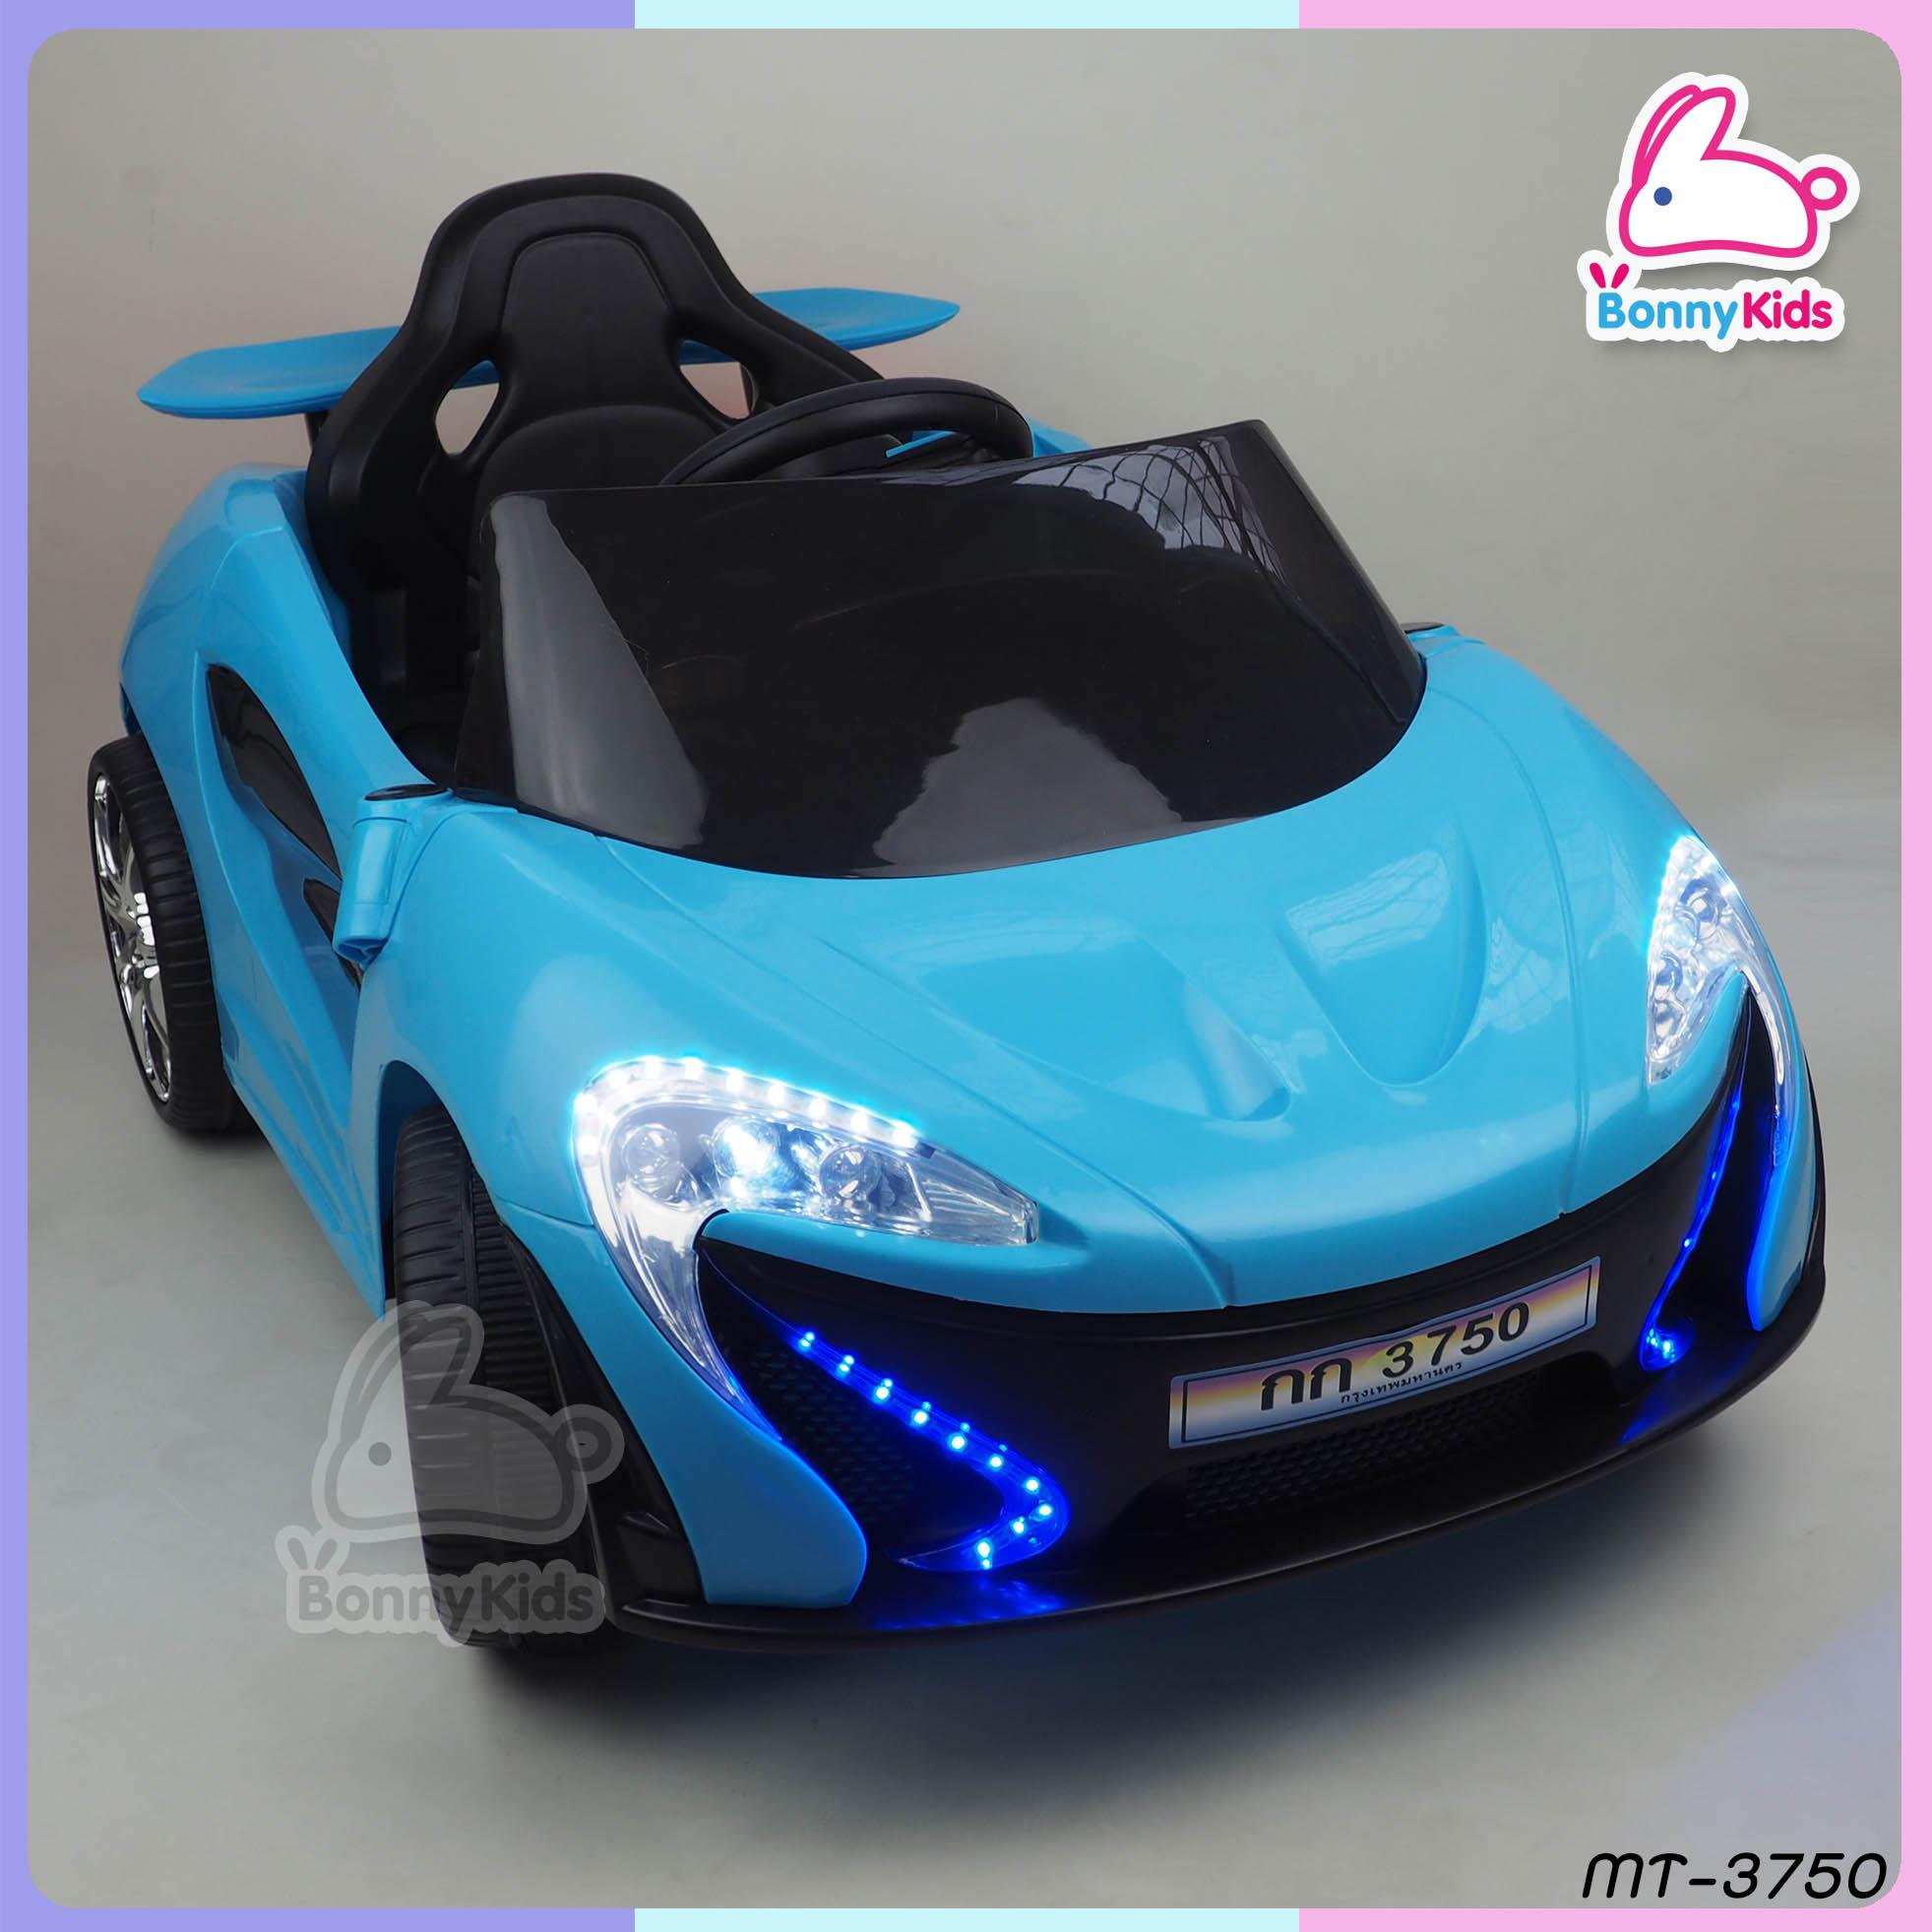 รถแบตเตอรี่เด็ก แมคคลาเรน 2 มอเตอร์ ประตูปีกนก มีรีโมท หรือบังคับเองได้